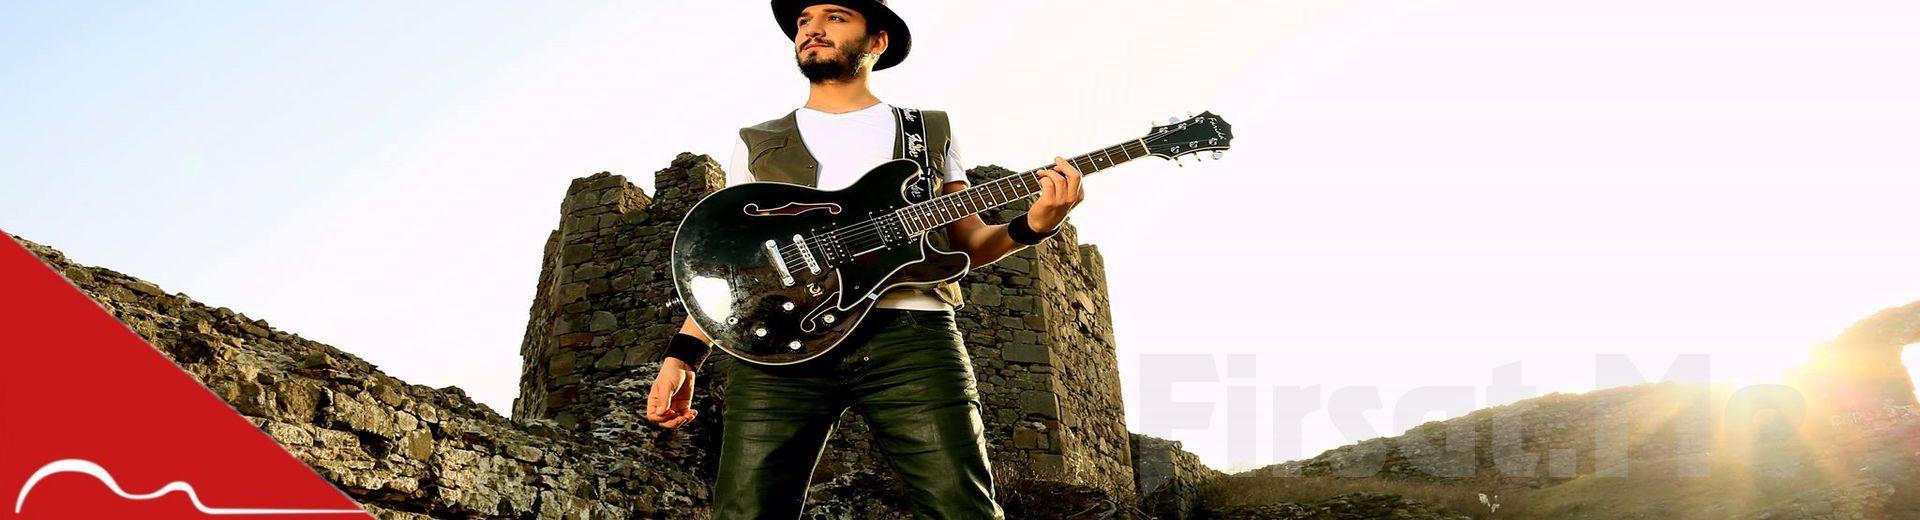 Beyrut Performance Kartal Sahne'de Eylül Boyunca Her Cuma 'Volkan Koşar' Konser Bileti